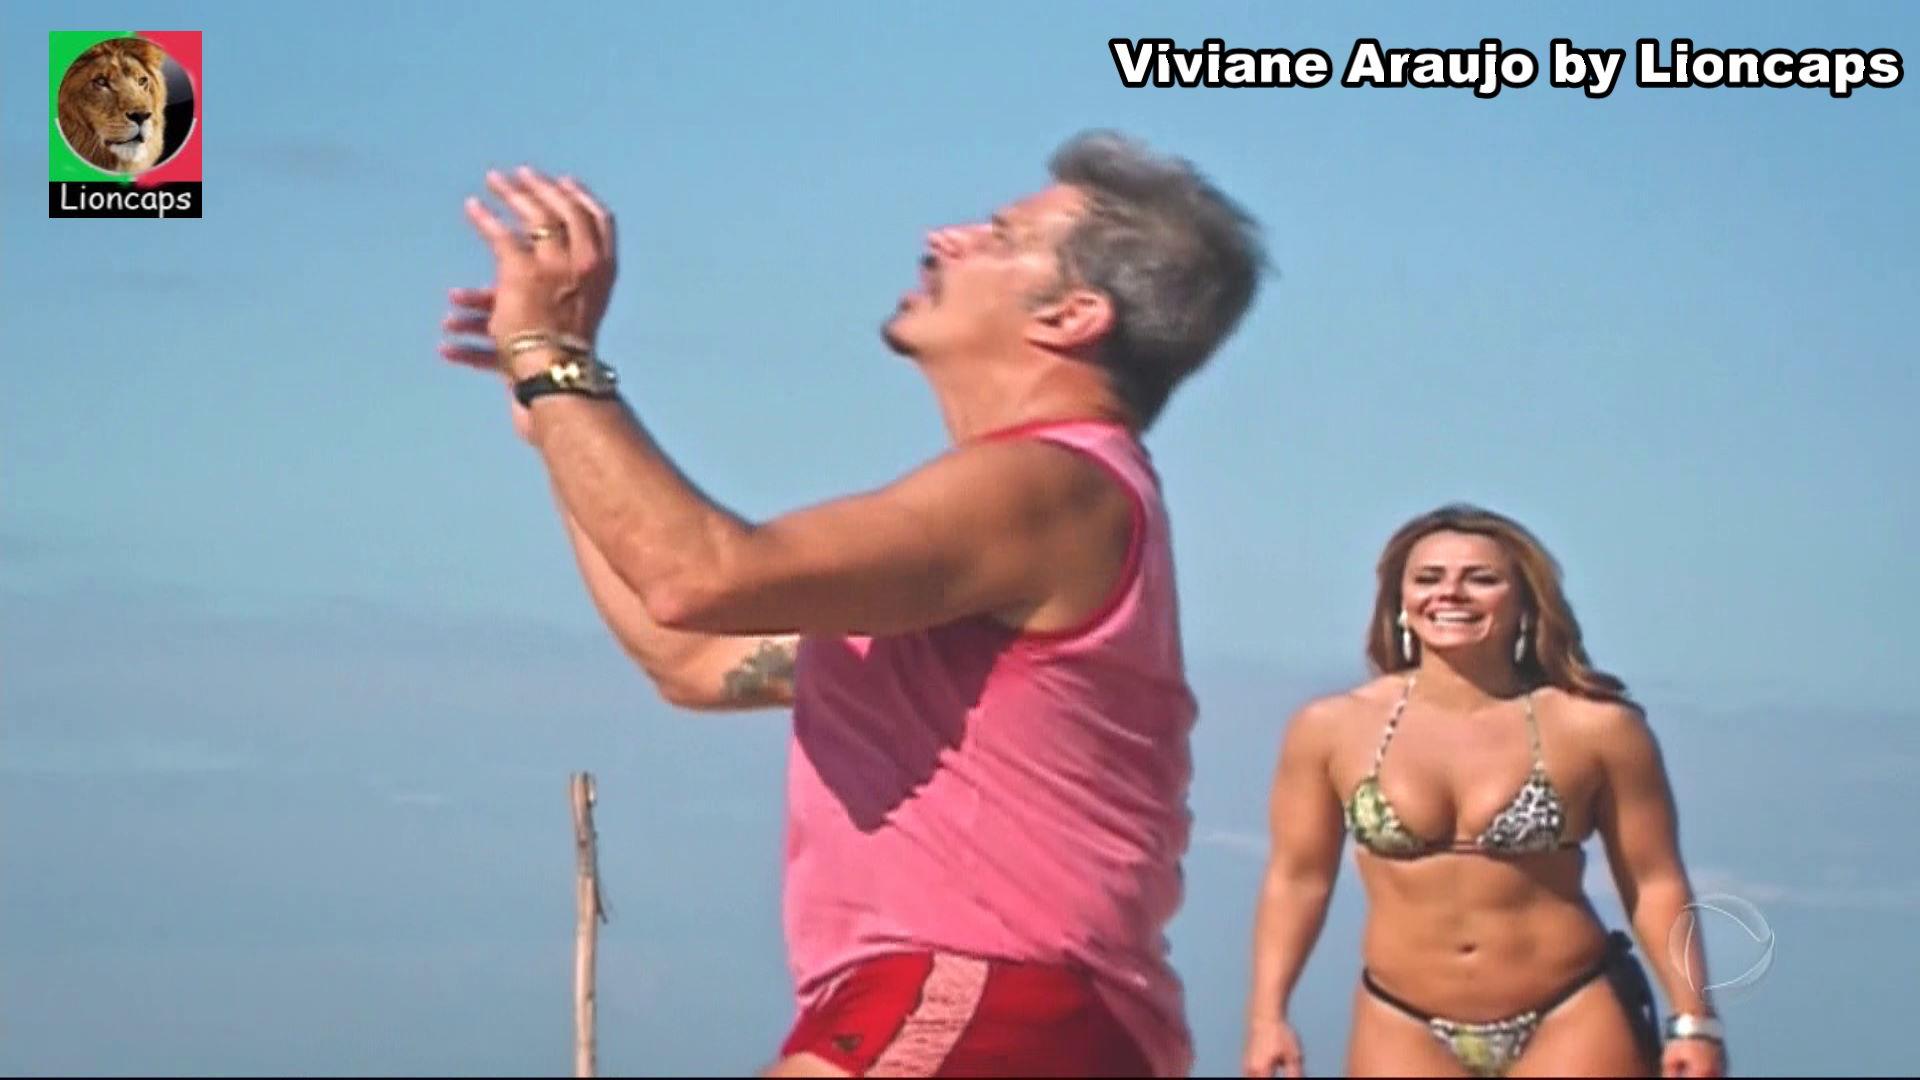 787334160_viviane_araujo_bela_vs190305_0576_122_166lo.JPG